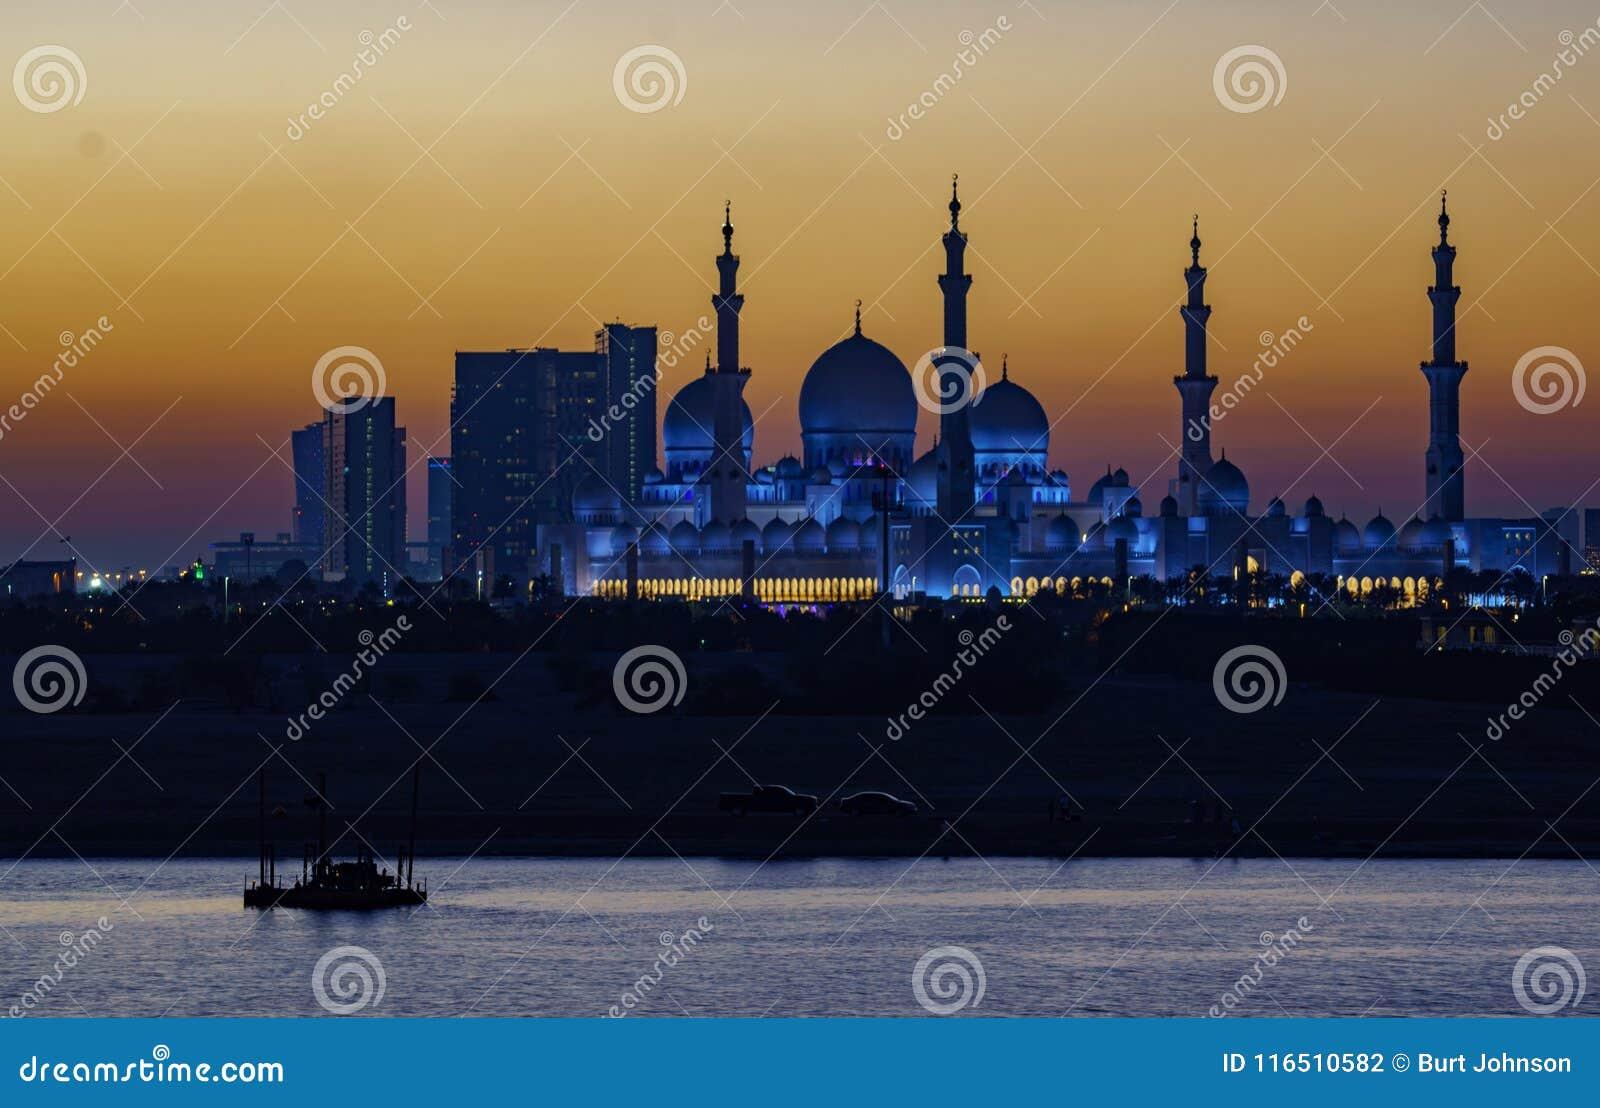 Xeique Zayed Mosque como visto na noite